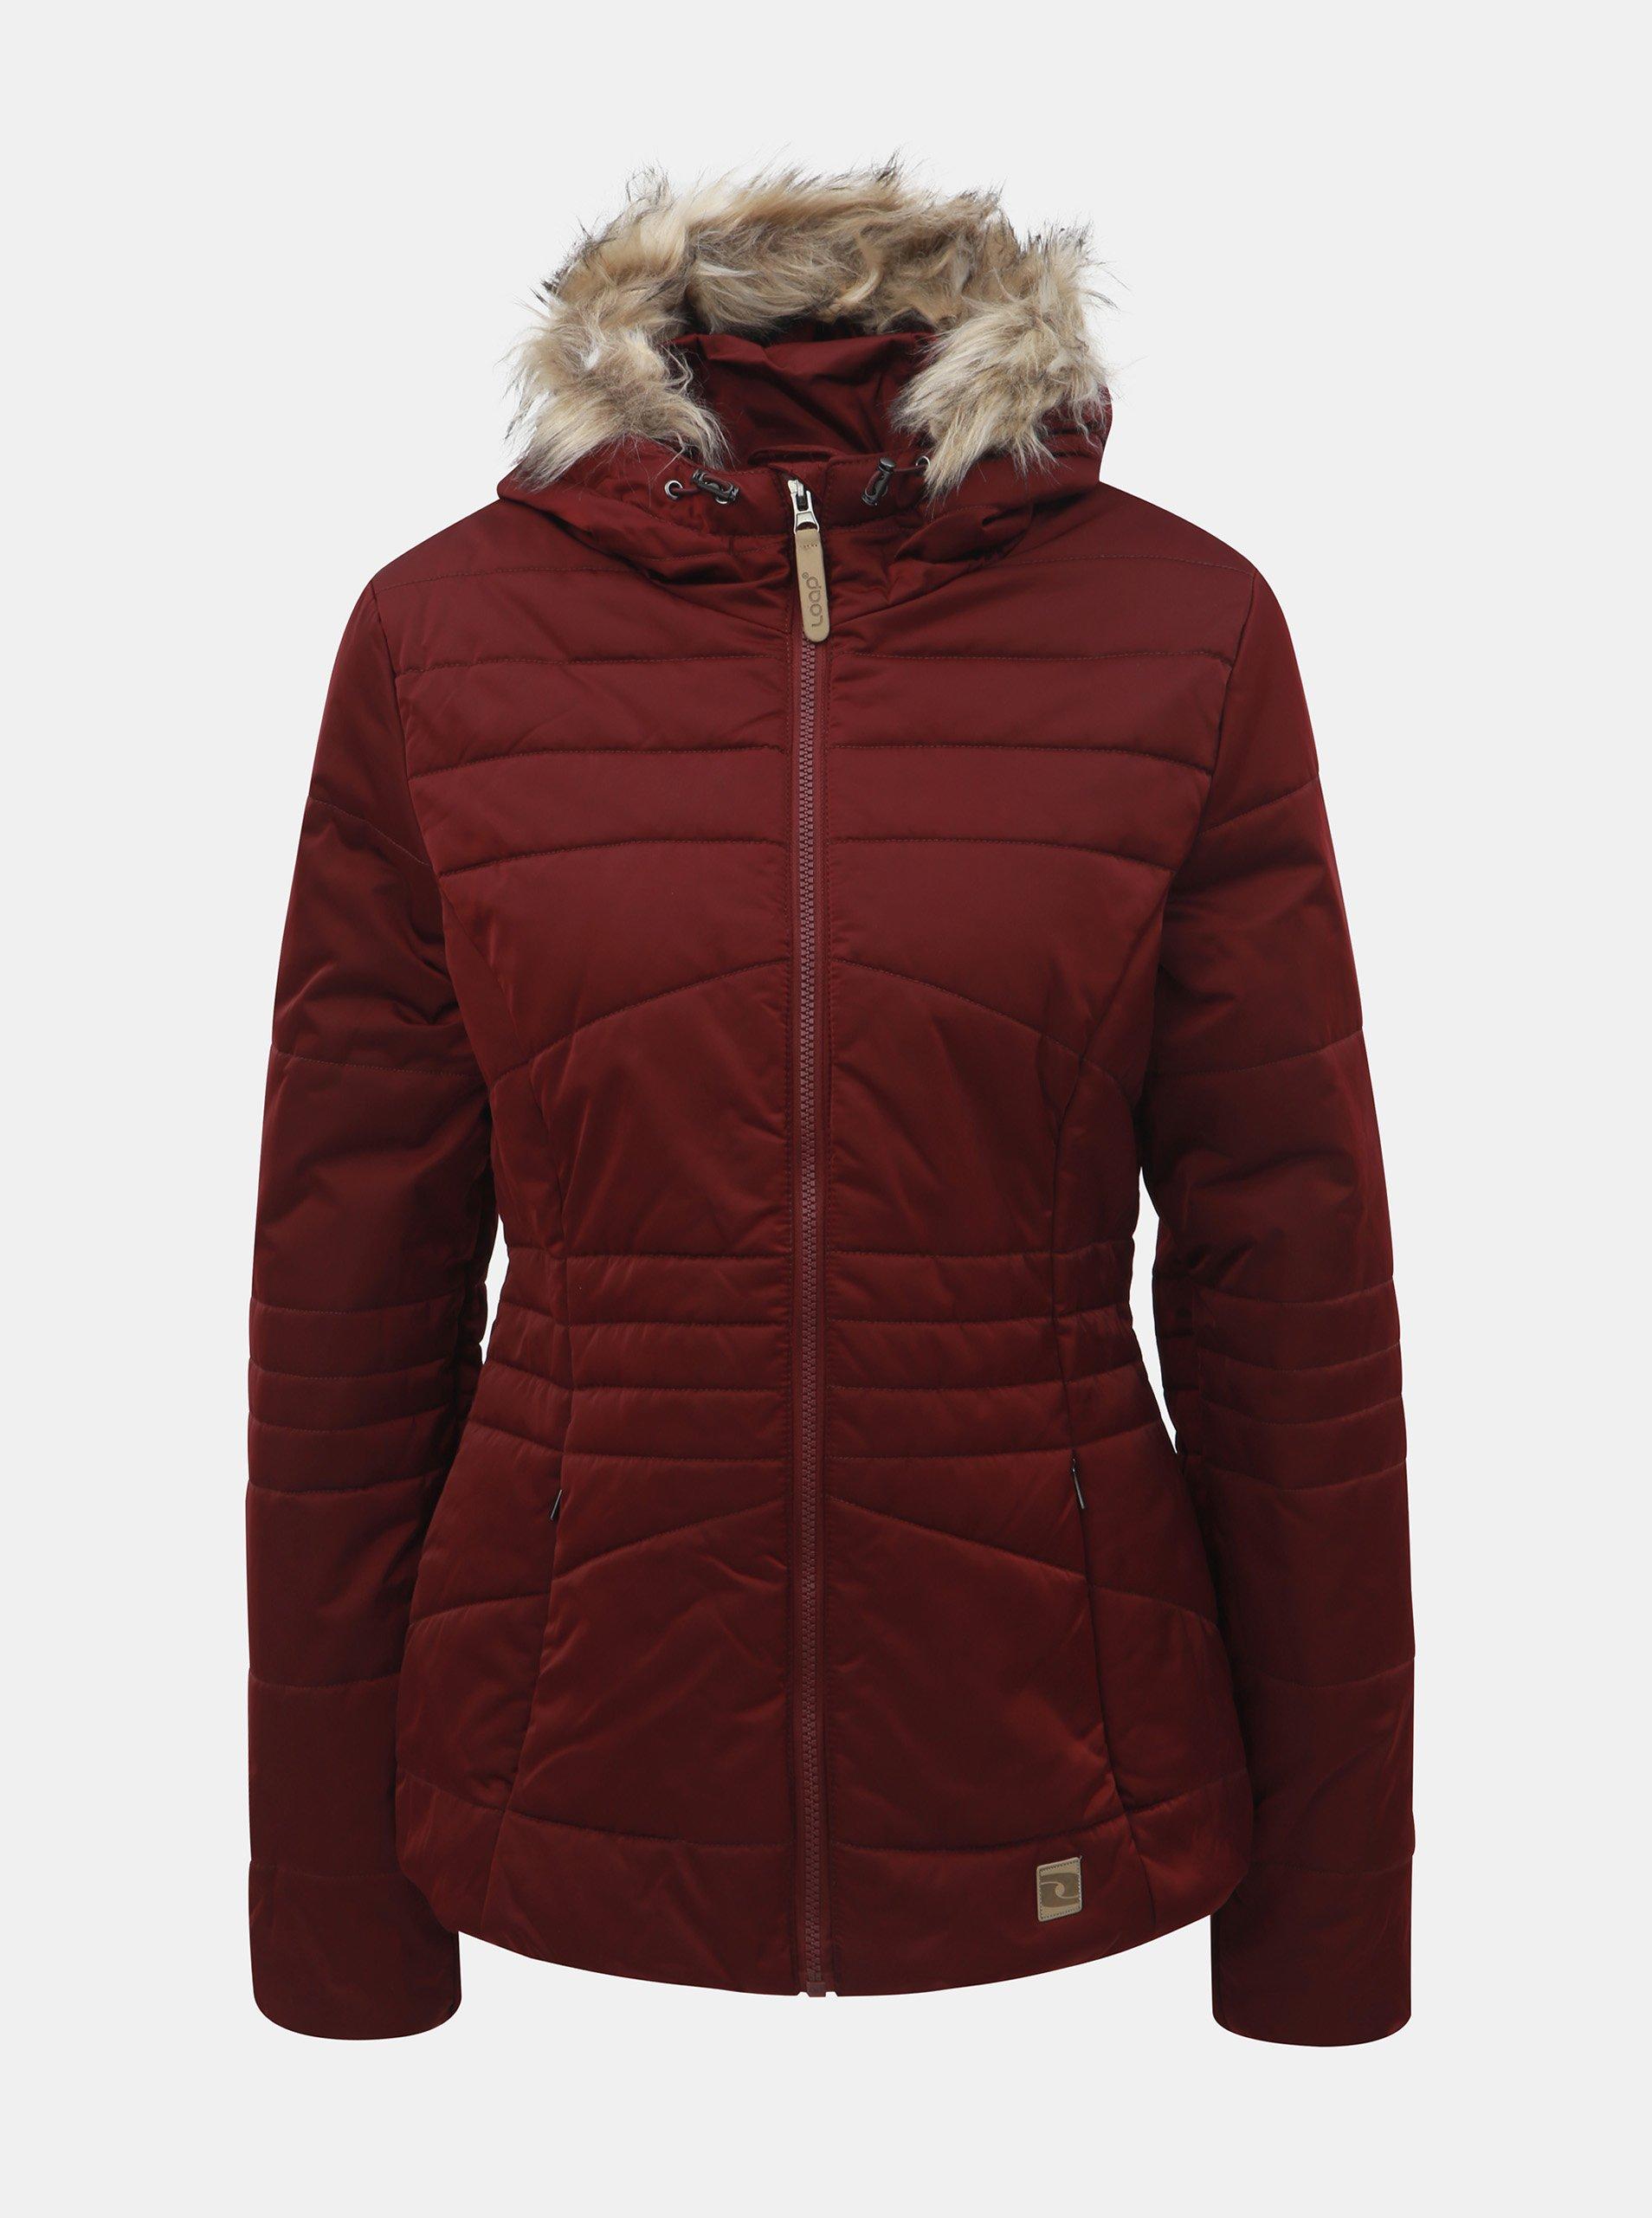 Vínová dámska nepremokavá zimná bunda s odnímateľnou kožušinkou na kapucni LOAP Tiara